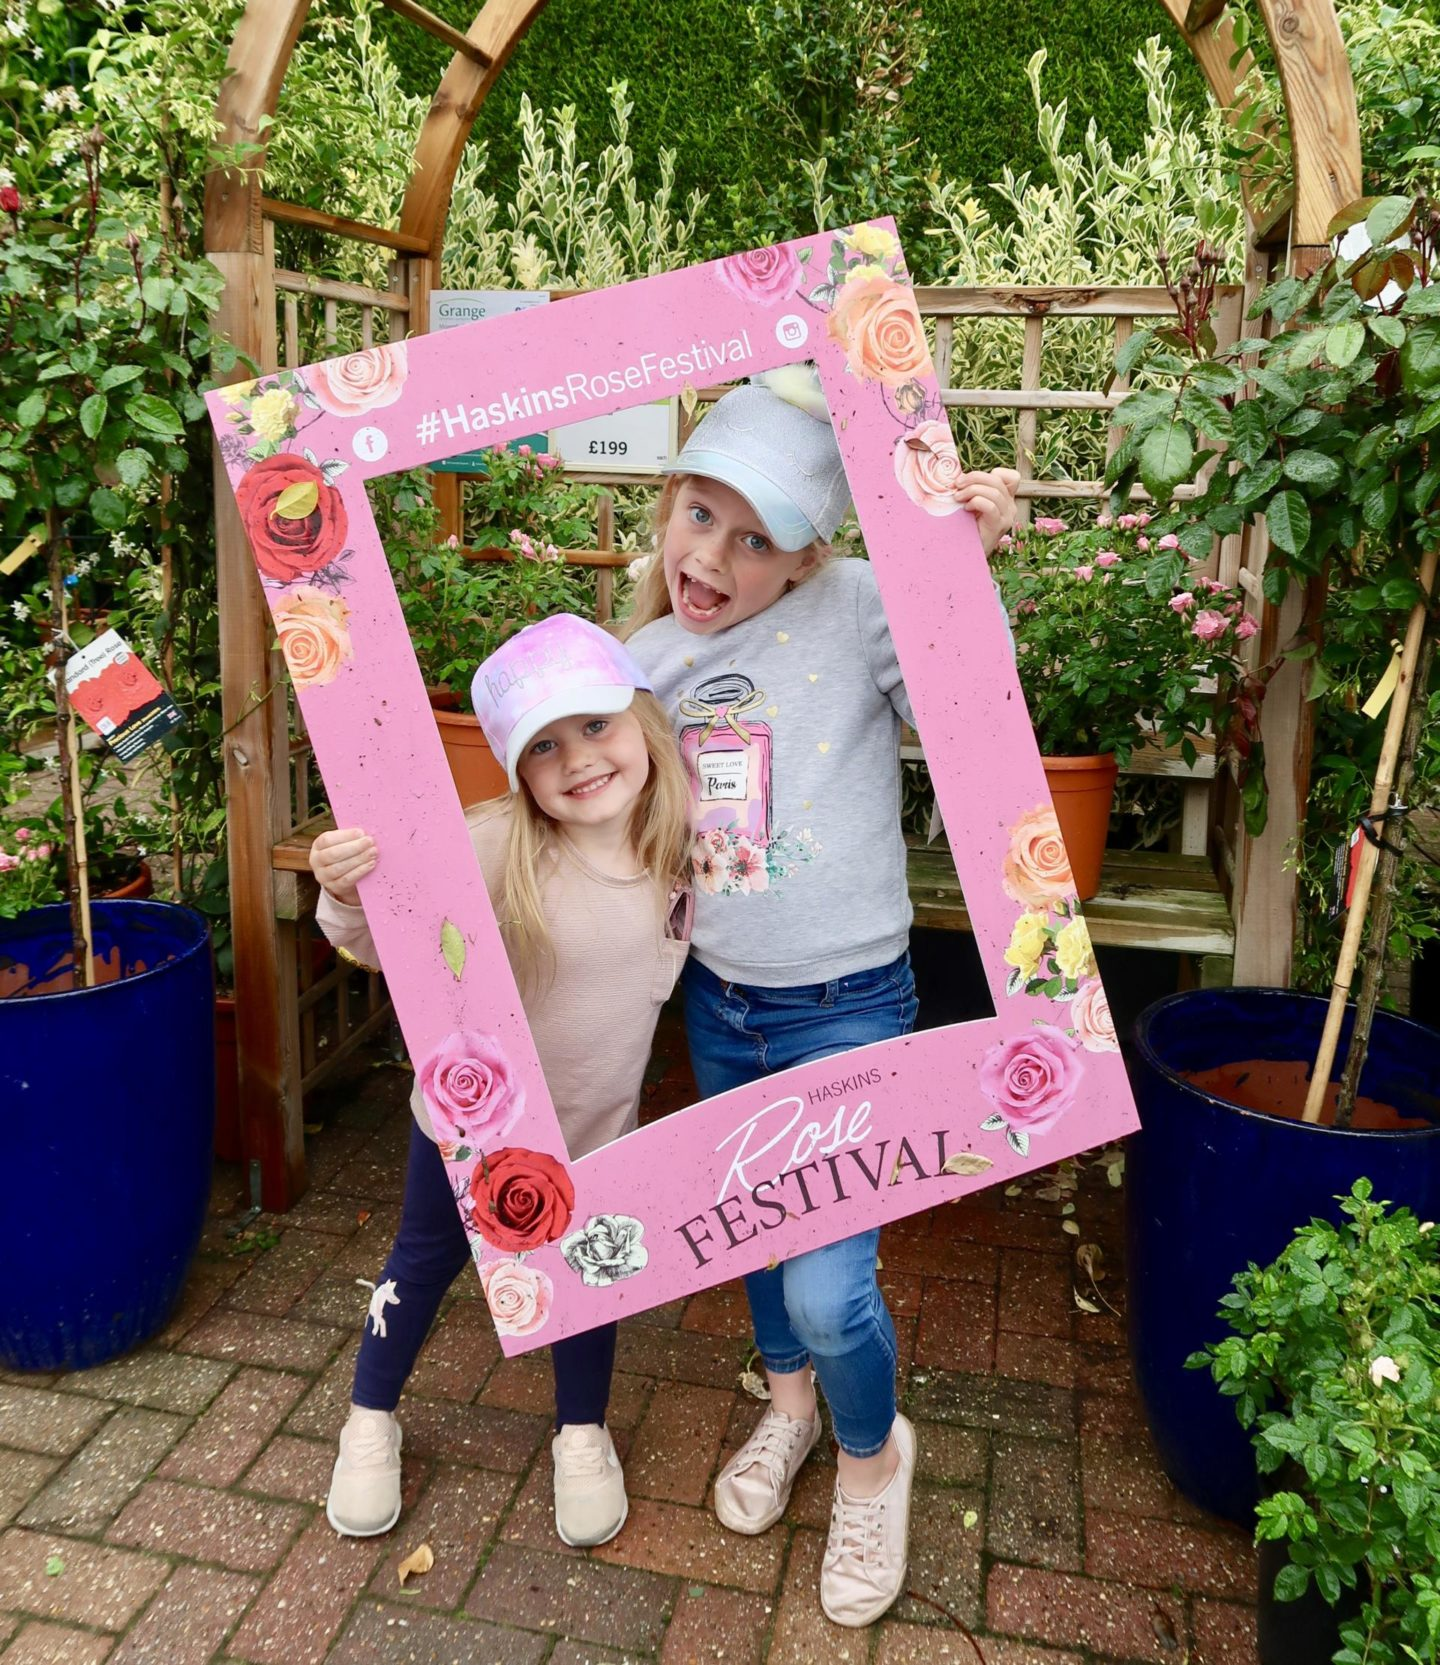 Haskins Rose Festival